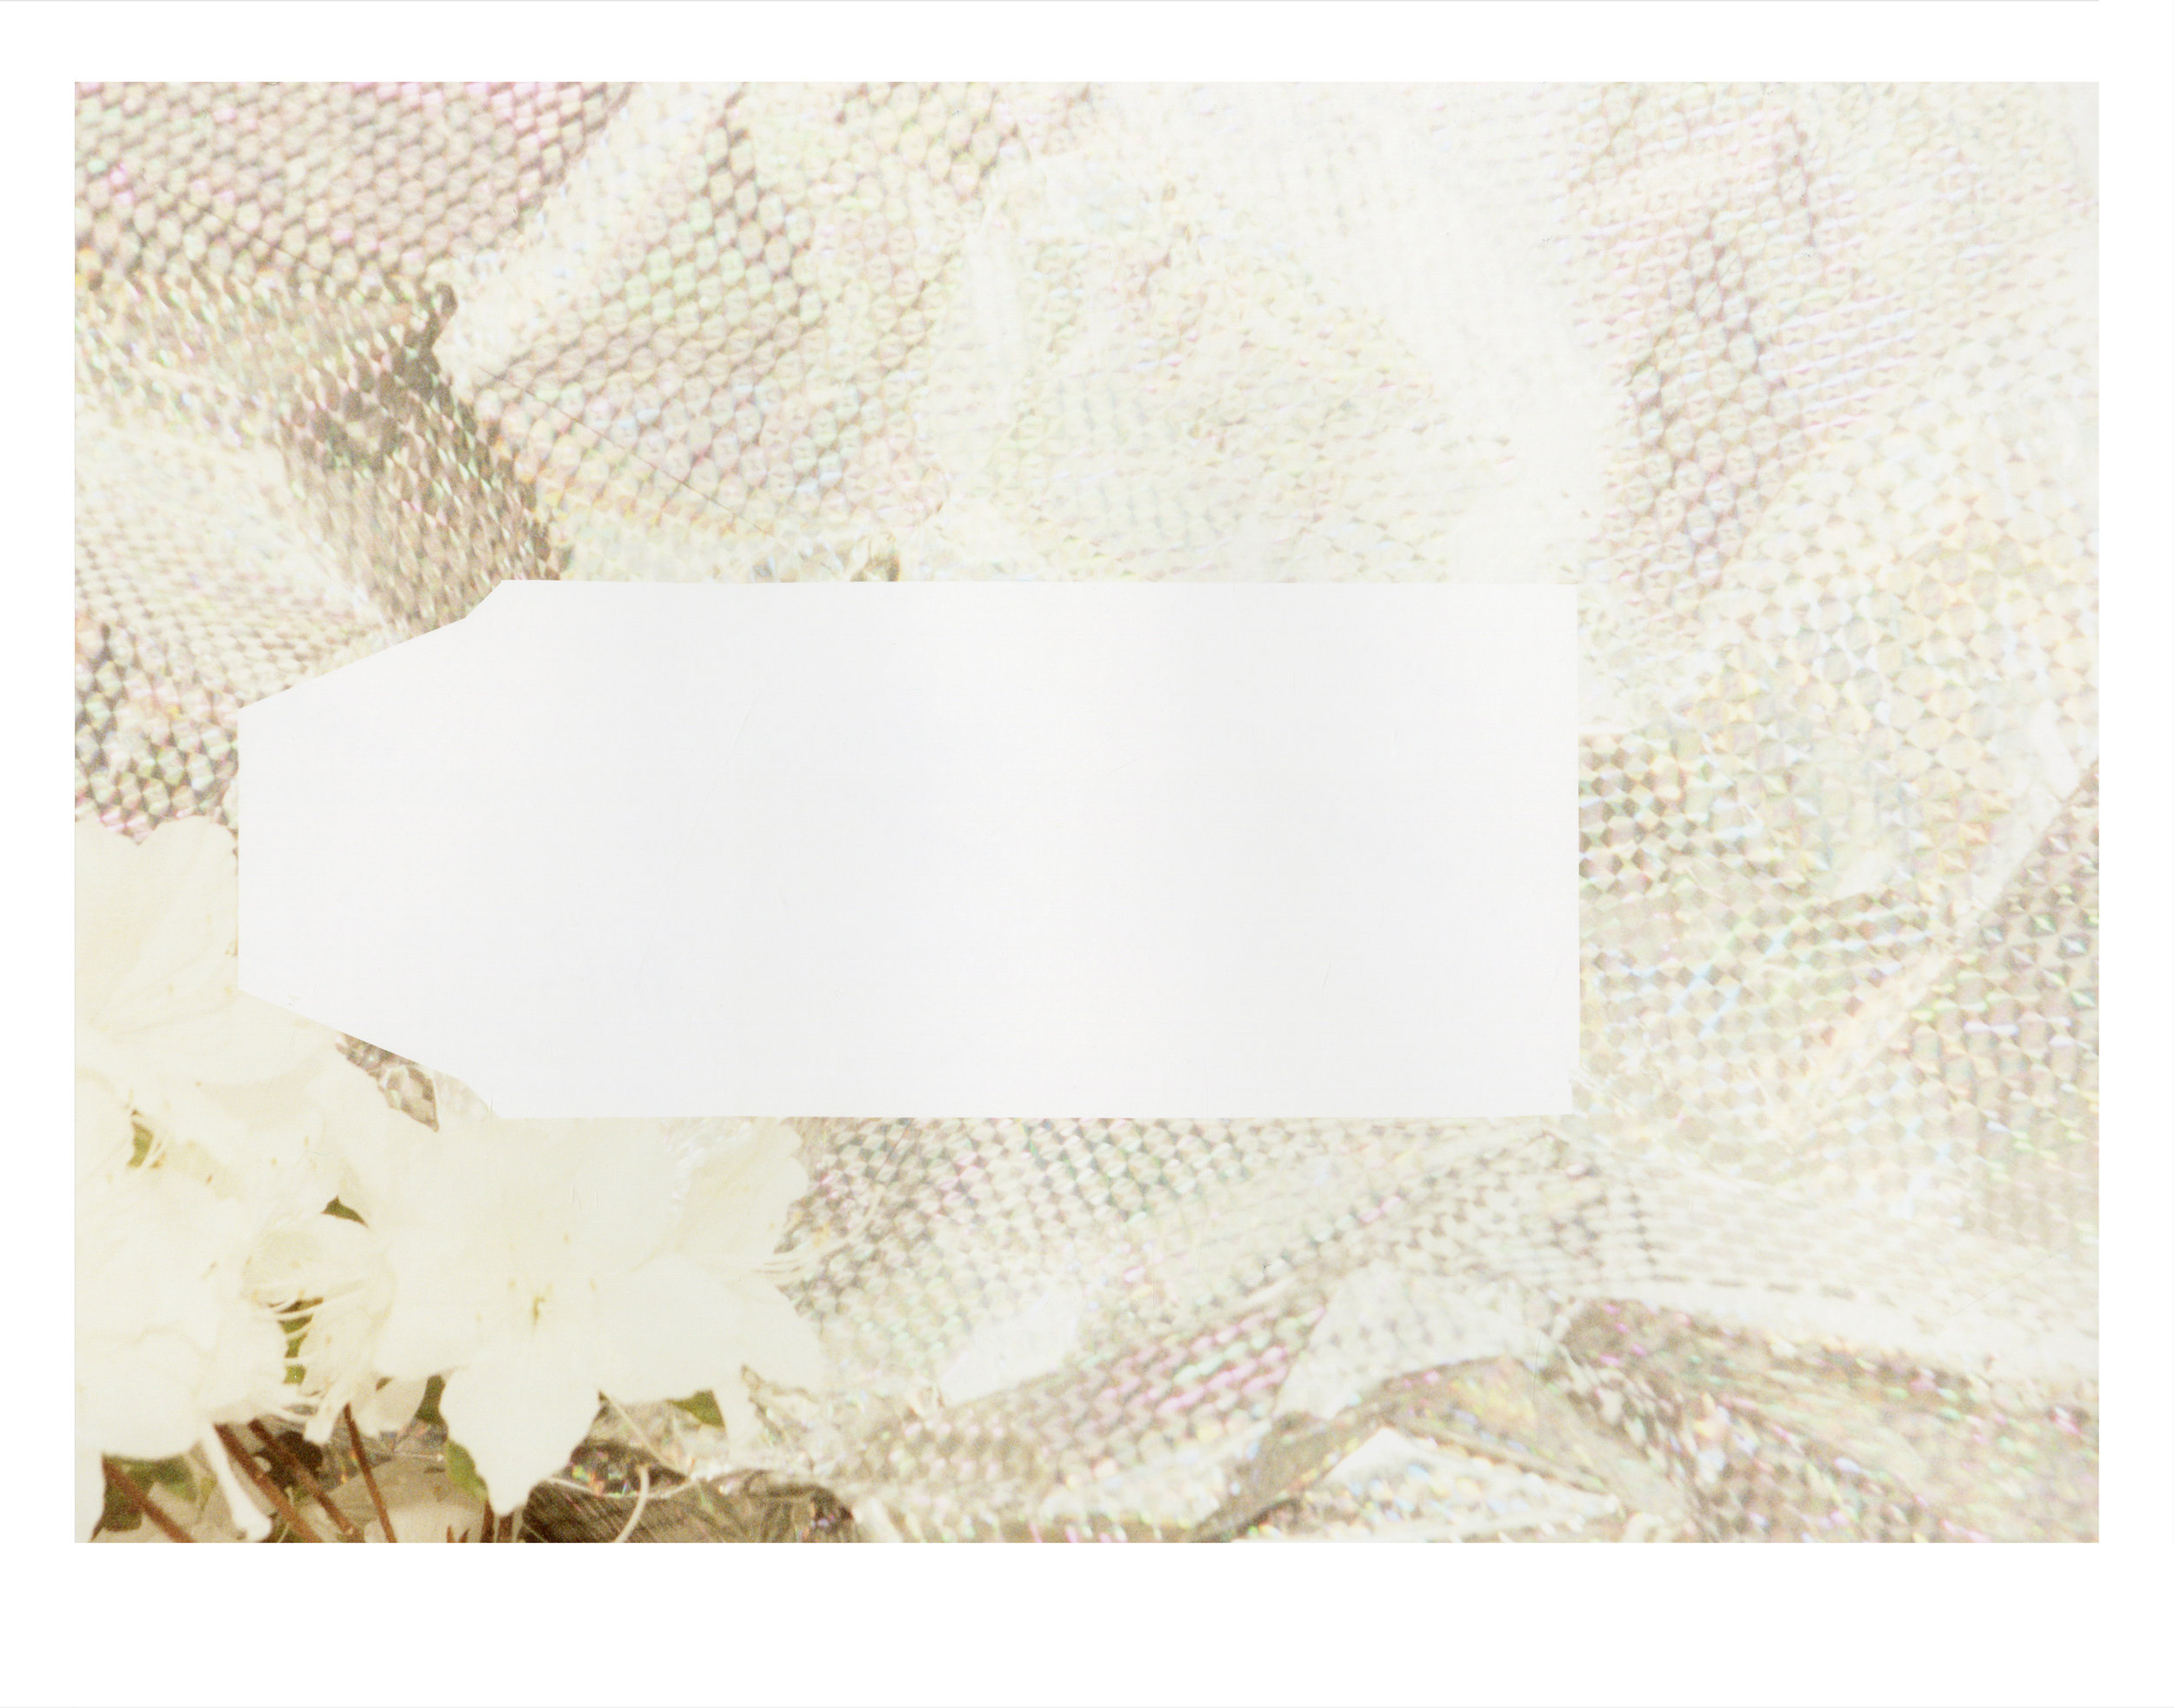 01 Prism Bag FP-100c.jpg